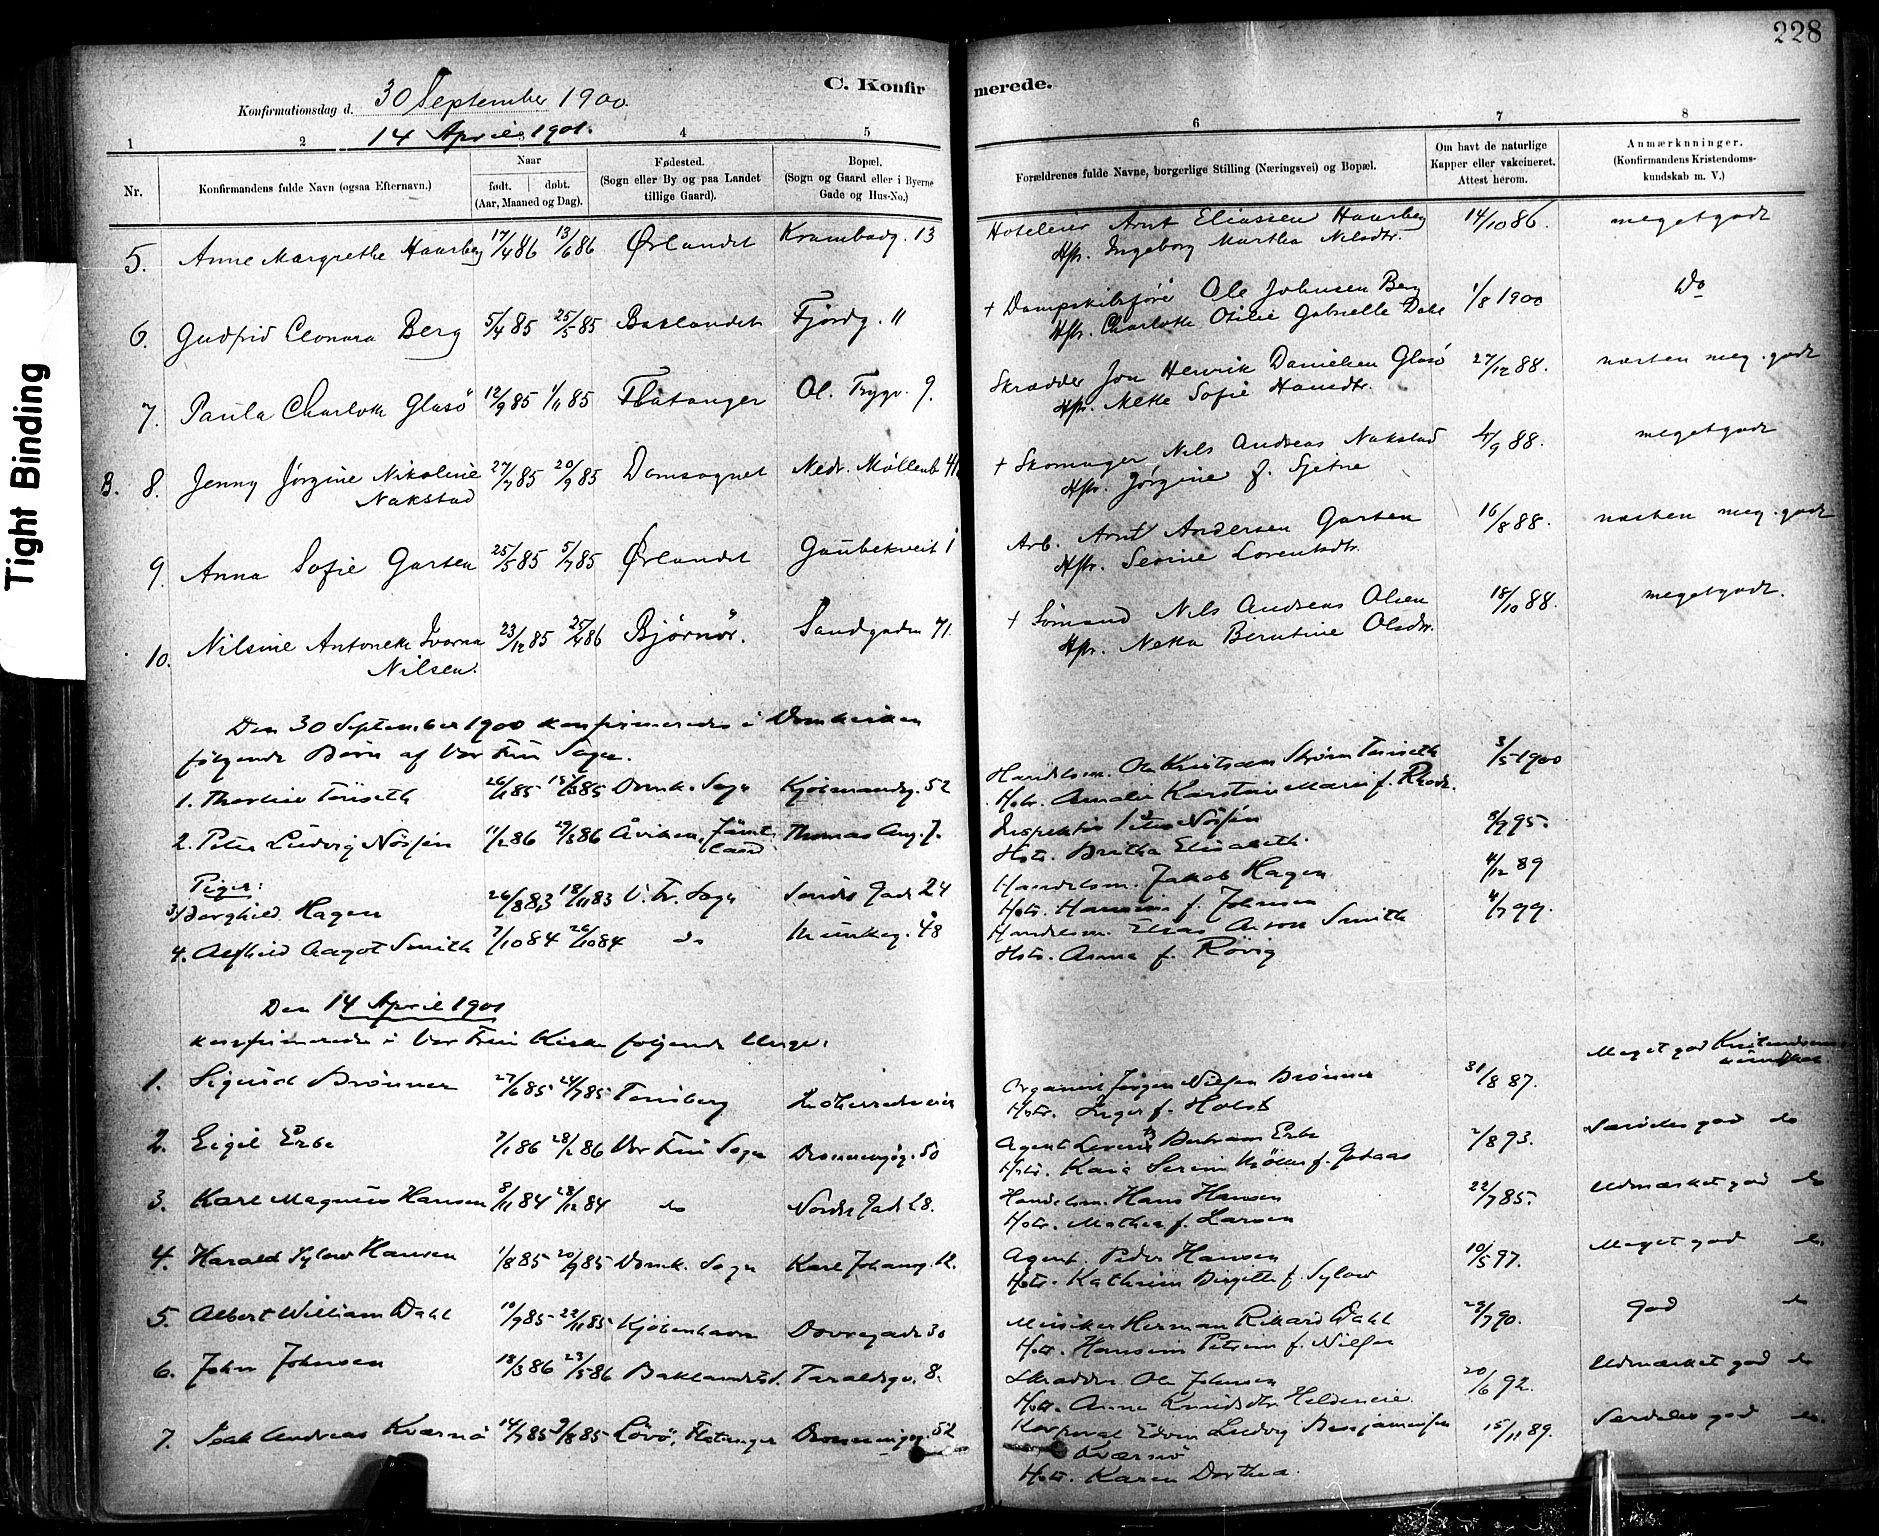 SAT, Ministerialprotokoller, klokkerbøker og fødselsregistre - Sør-Trøndelag, 602/L0119: Ministerialbok nr. 602A17, 1880-1901, s. 228